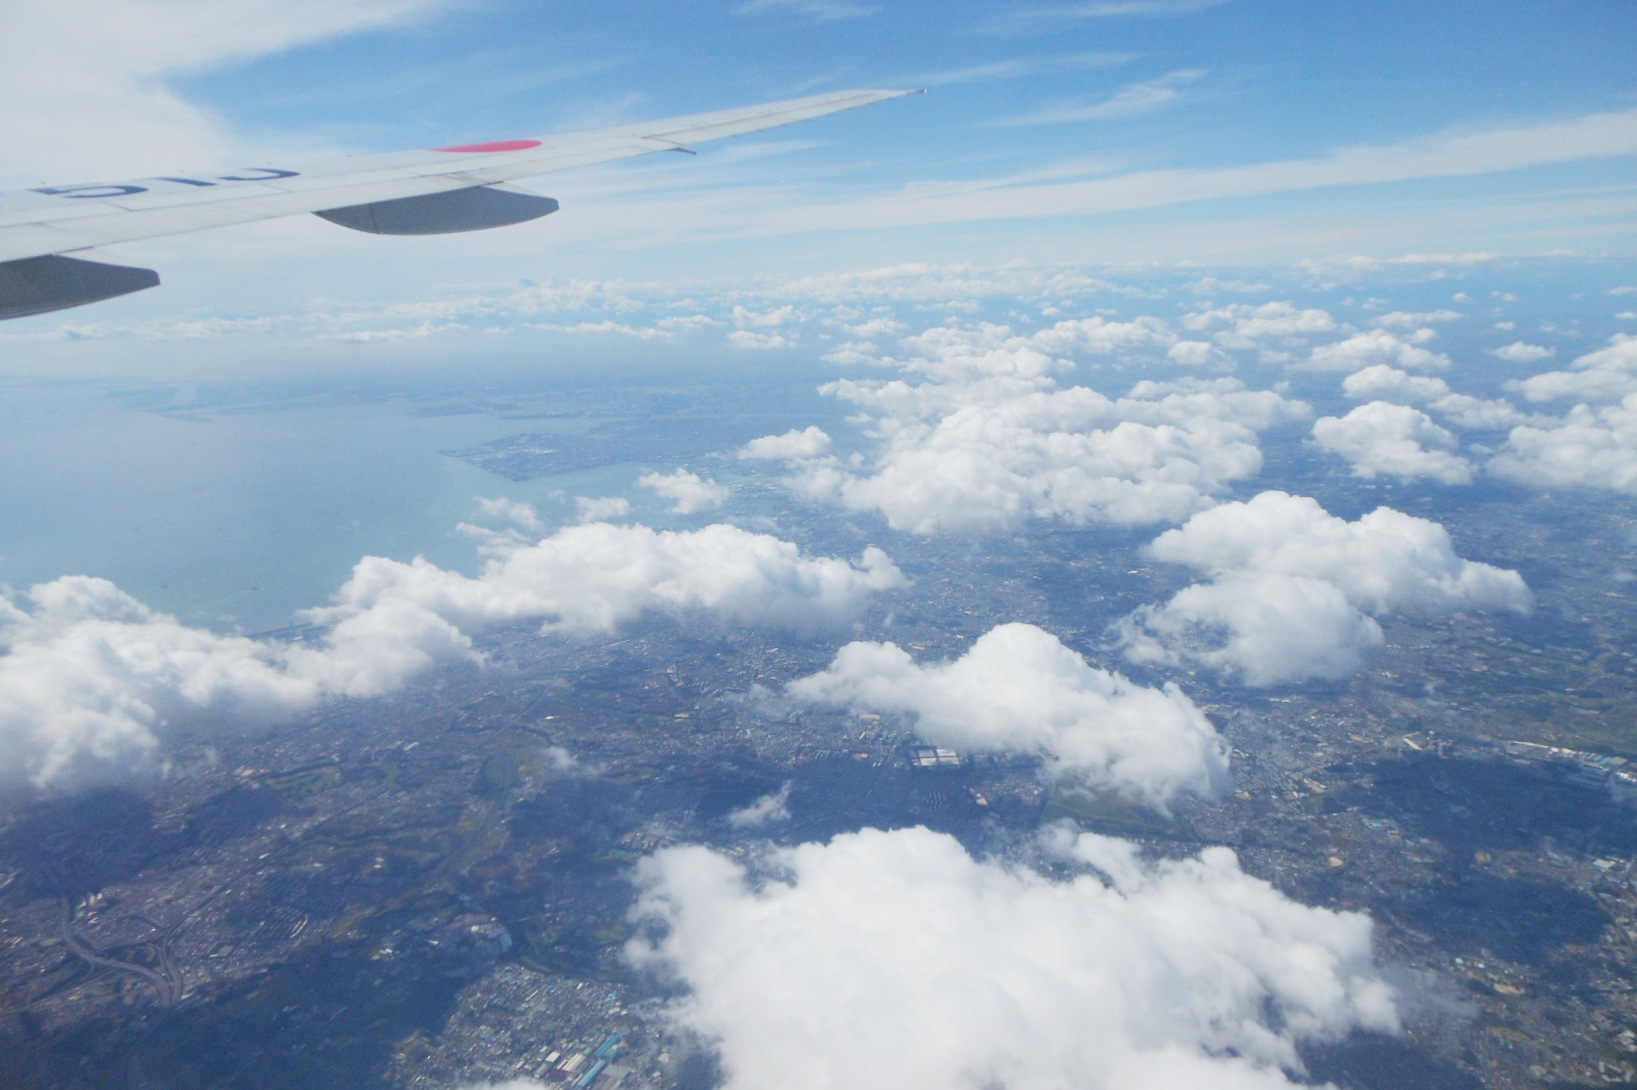 1823) ①「金沢3泊4日旅行 『飛行機からの眺め』」_f0126829_71933.jpg